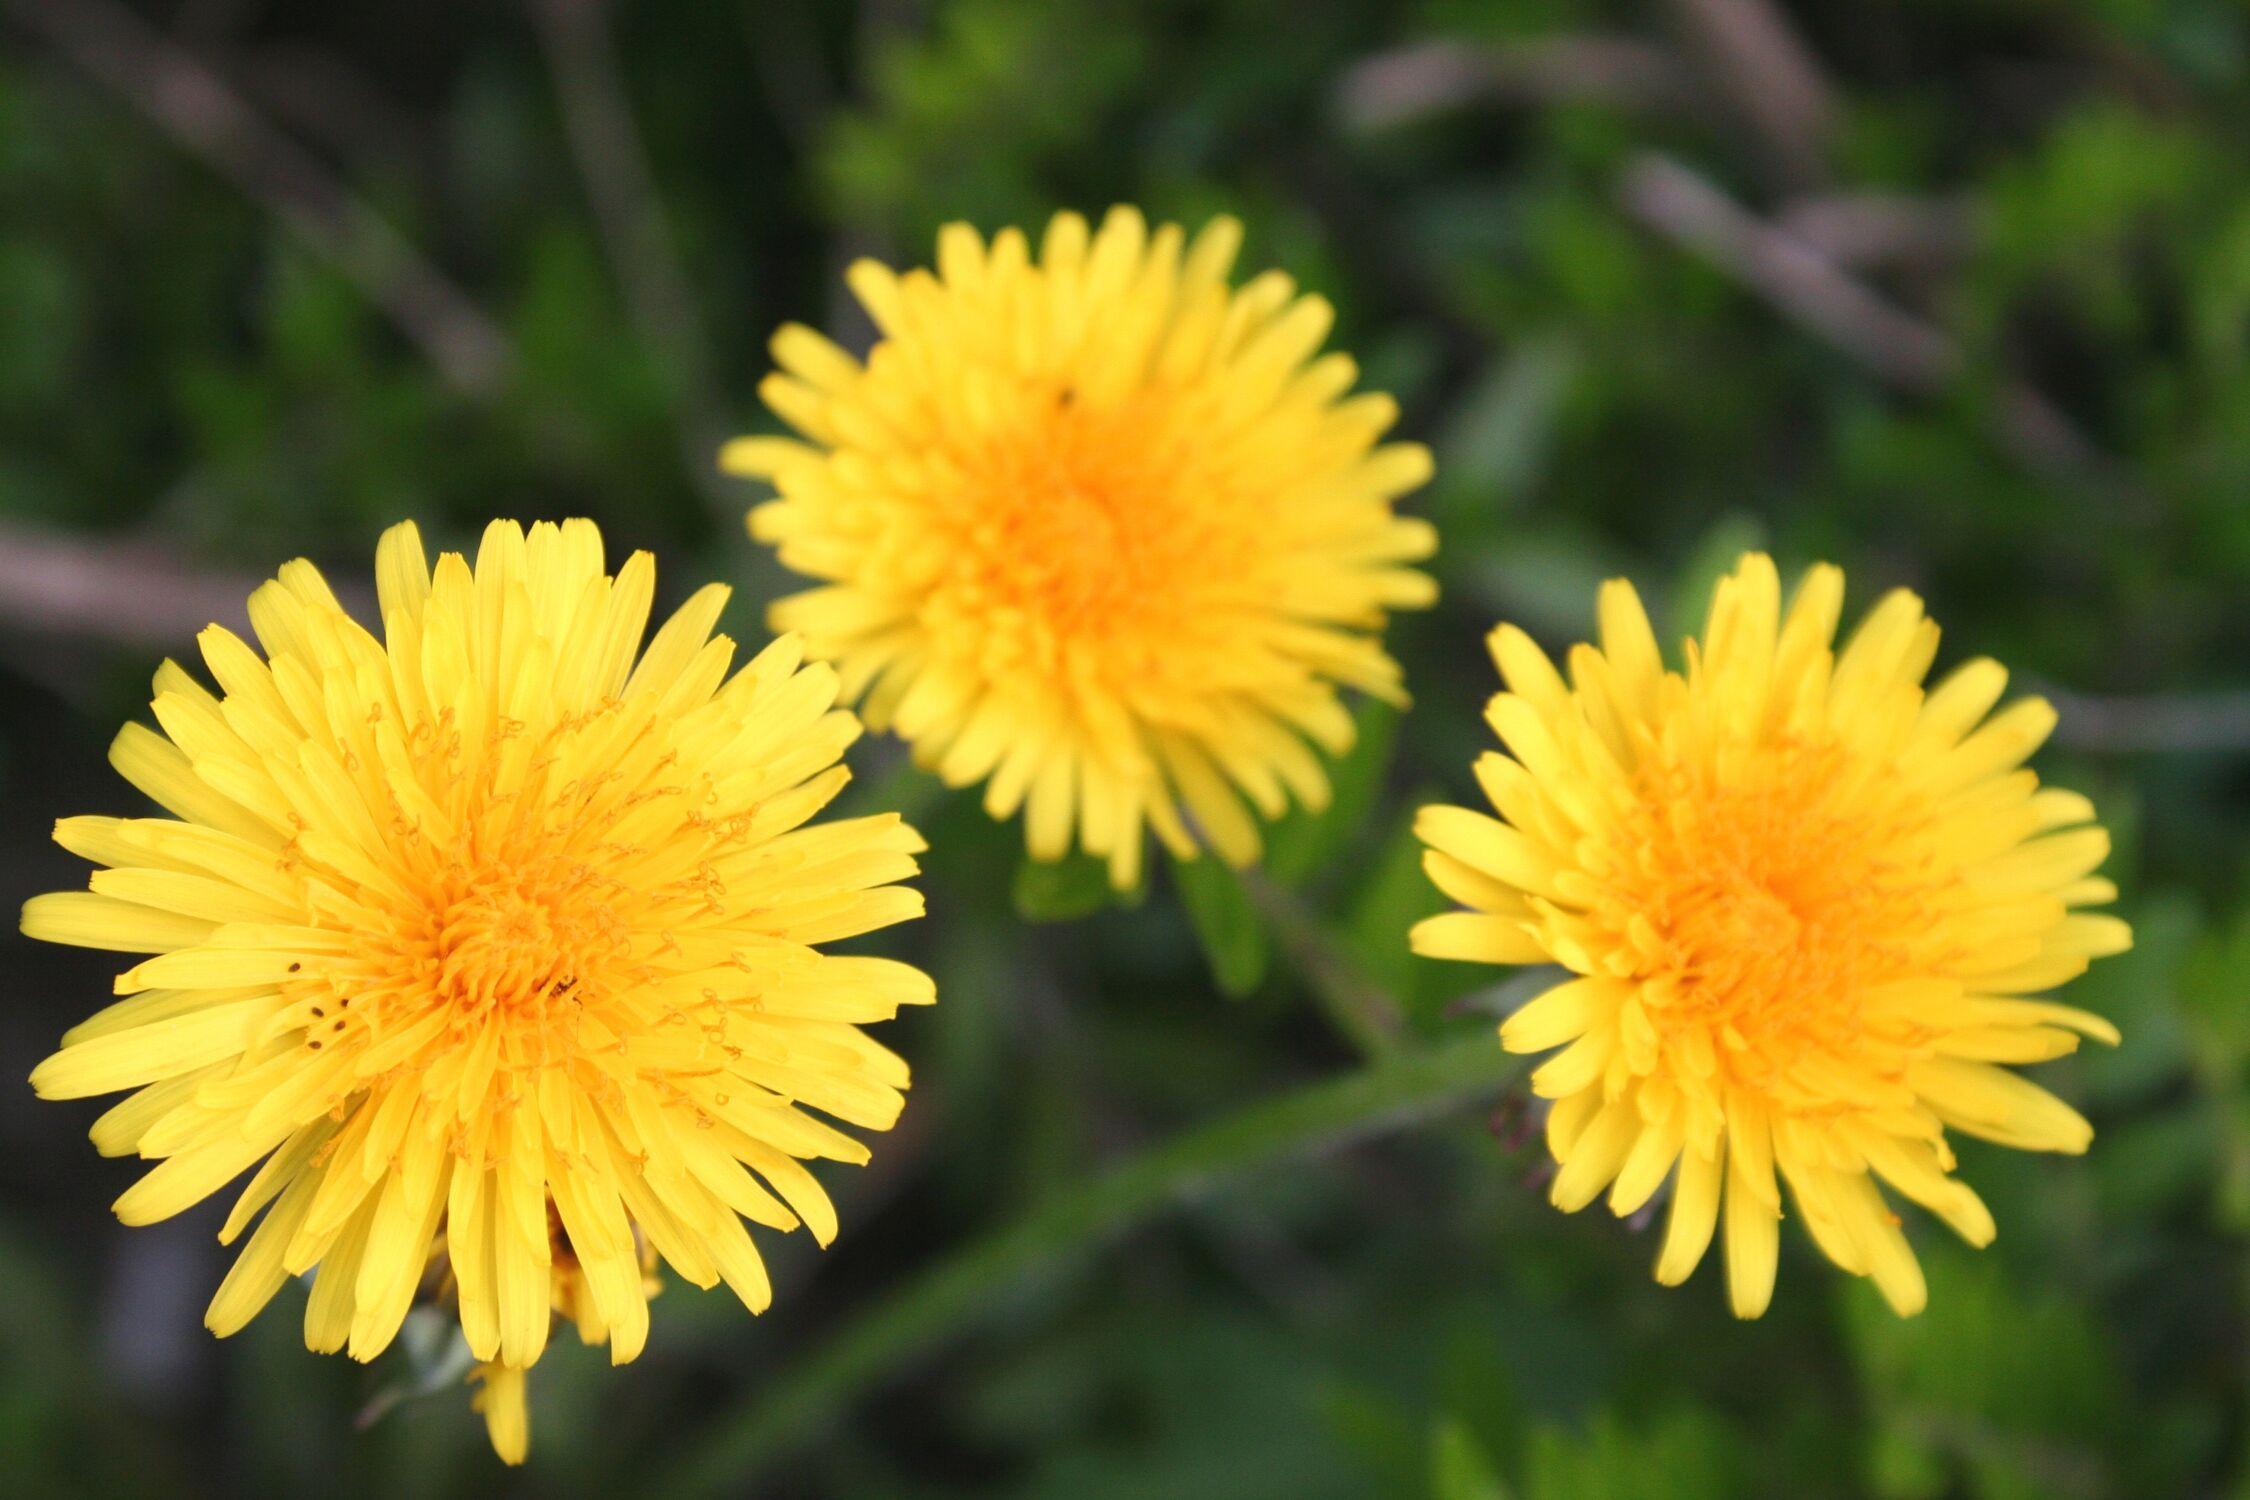 Bild mit Farben, Gelb, Natur, Pflanzen, Blumen, Korbblütler, Löwenzähne, Blume, Planze, Löwenzahn, Pusteblume